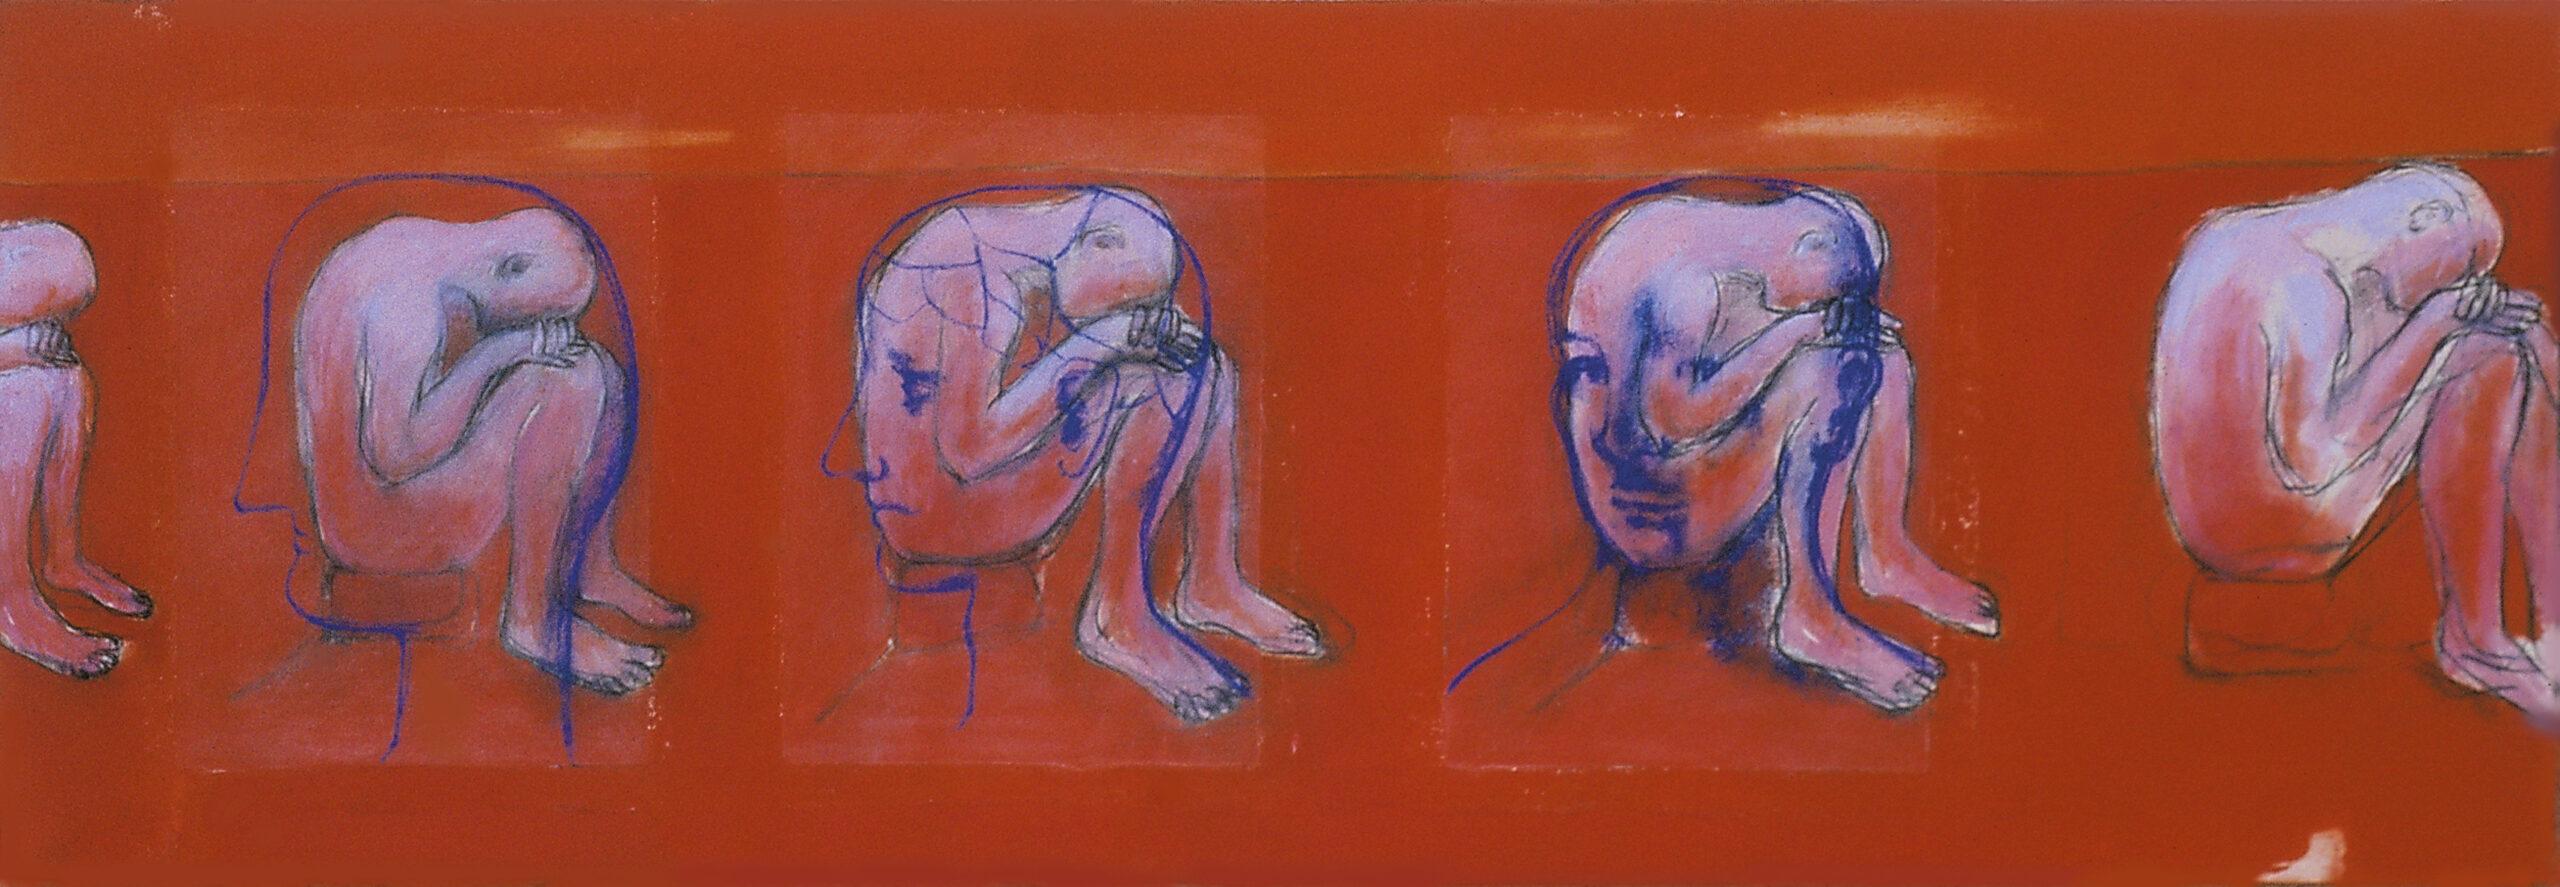 time loss-penelope-kouvara-painting-4